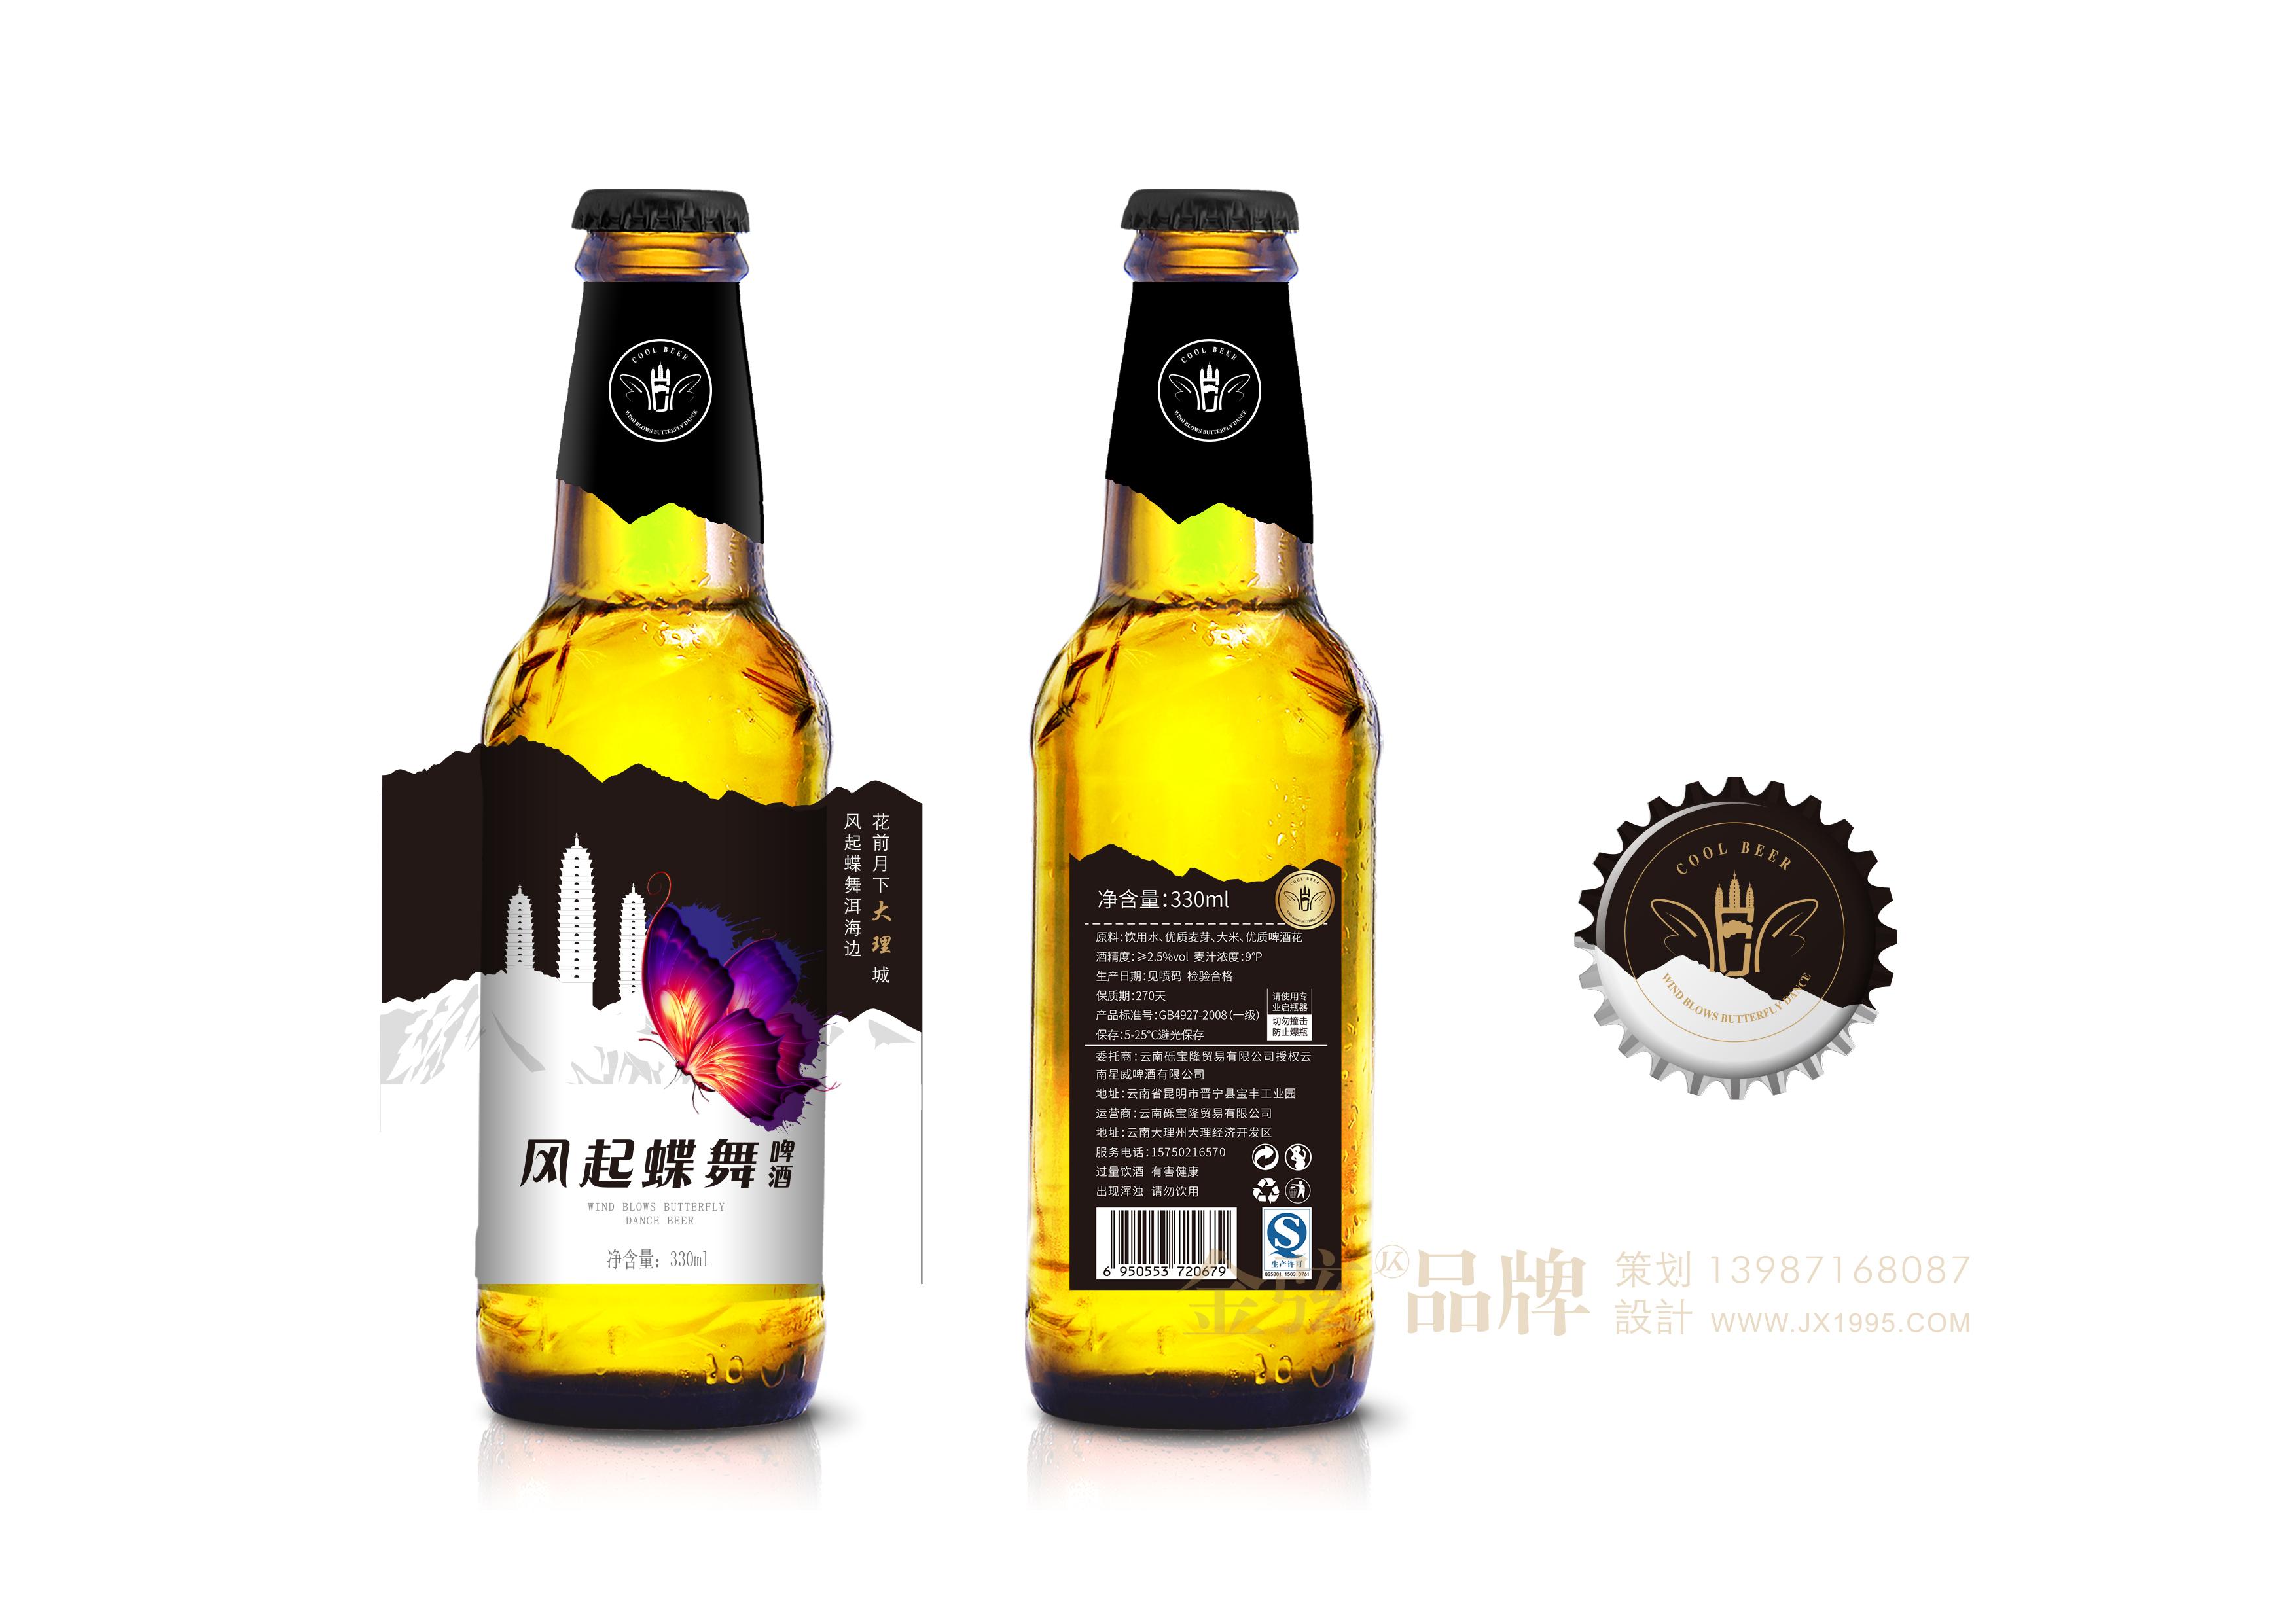 风起蝶舞啤酒包装设计 包装设计 客户资料  第7张